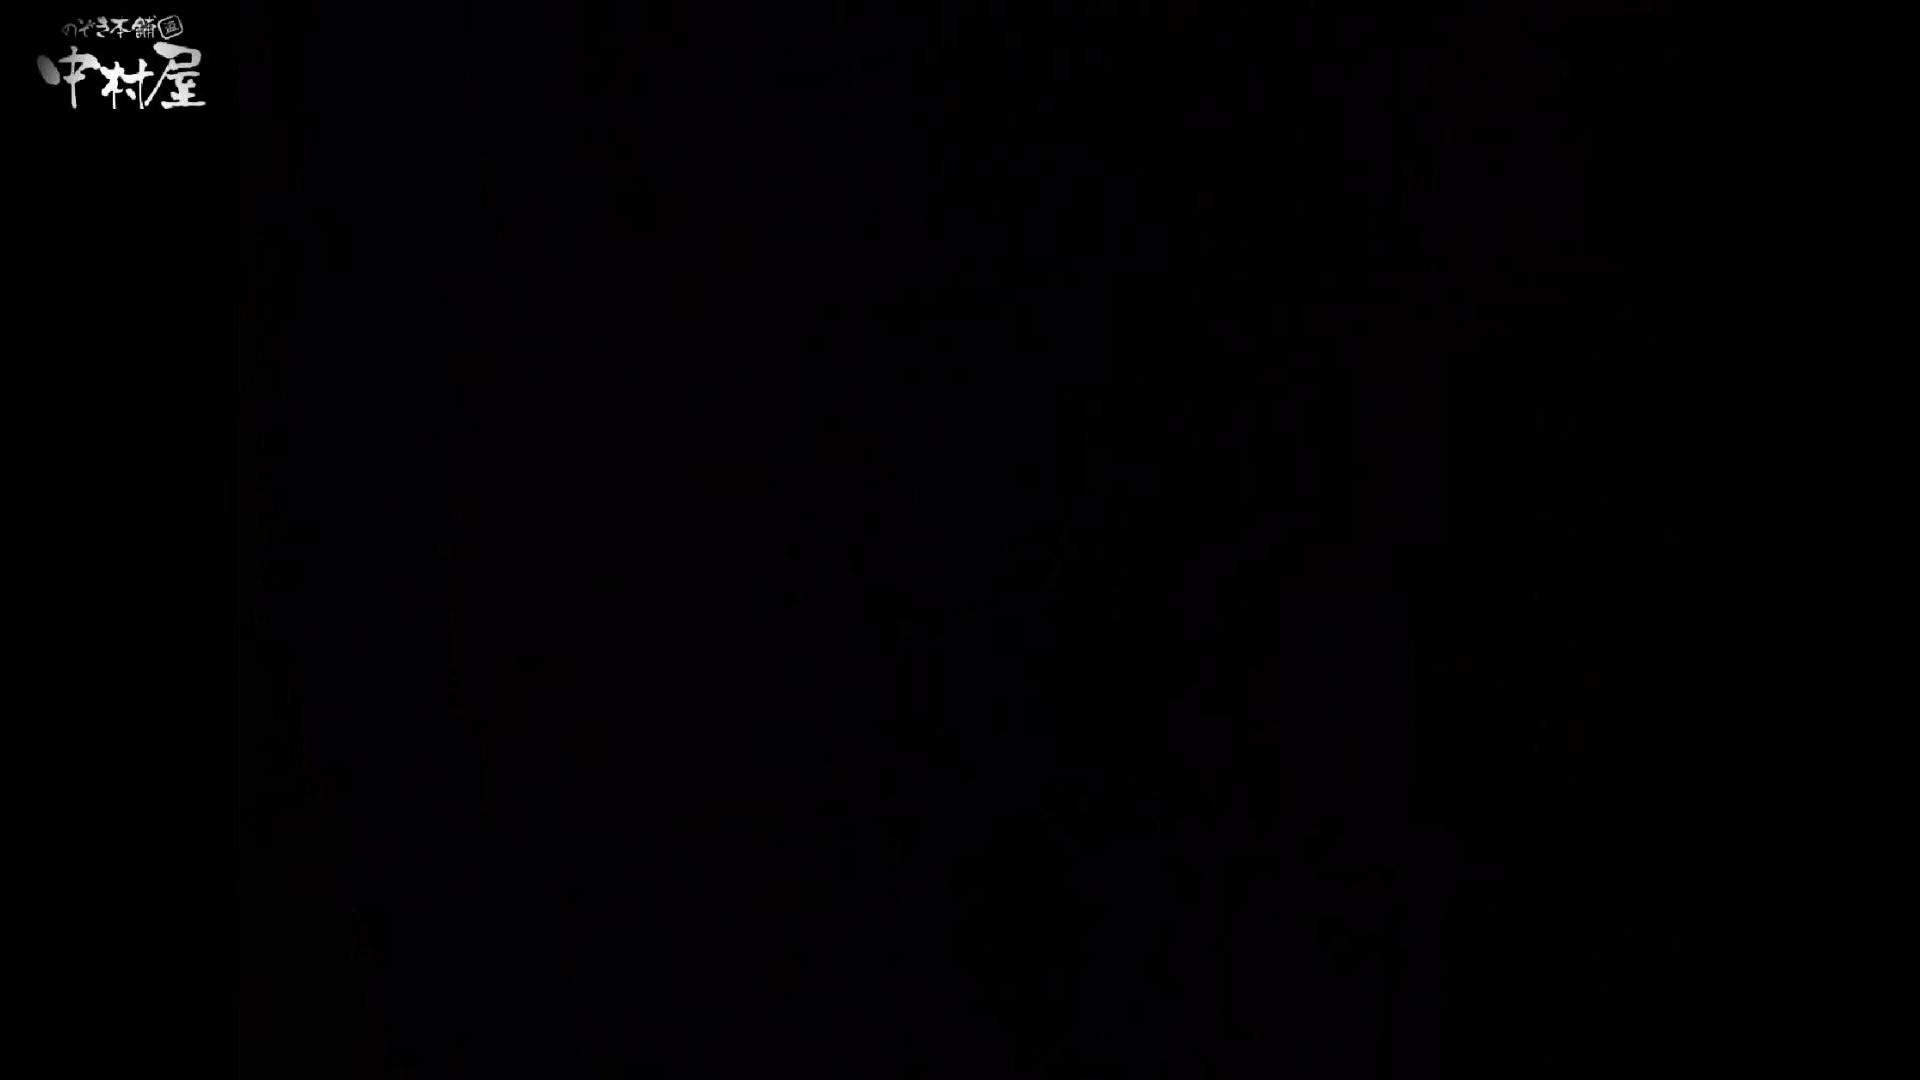 民家風呂専門盗撮師の超危険映像 vol.016 股間 オマンコ動画キャプチャ 69連発 33